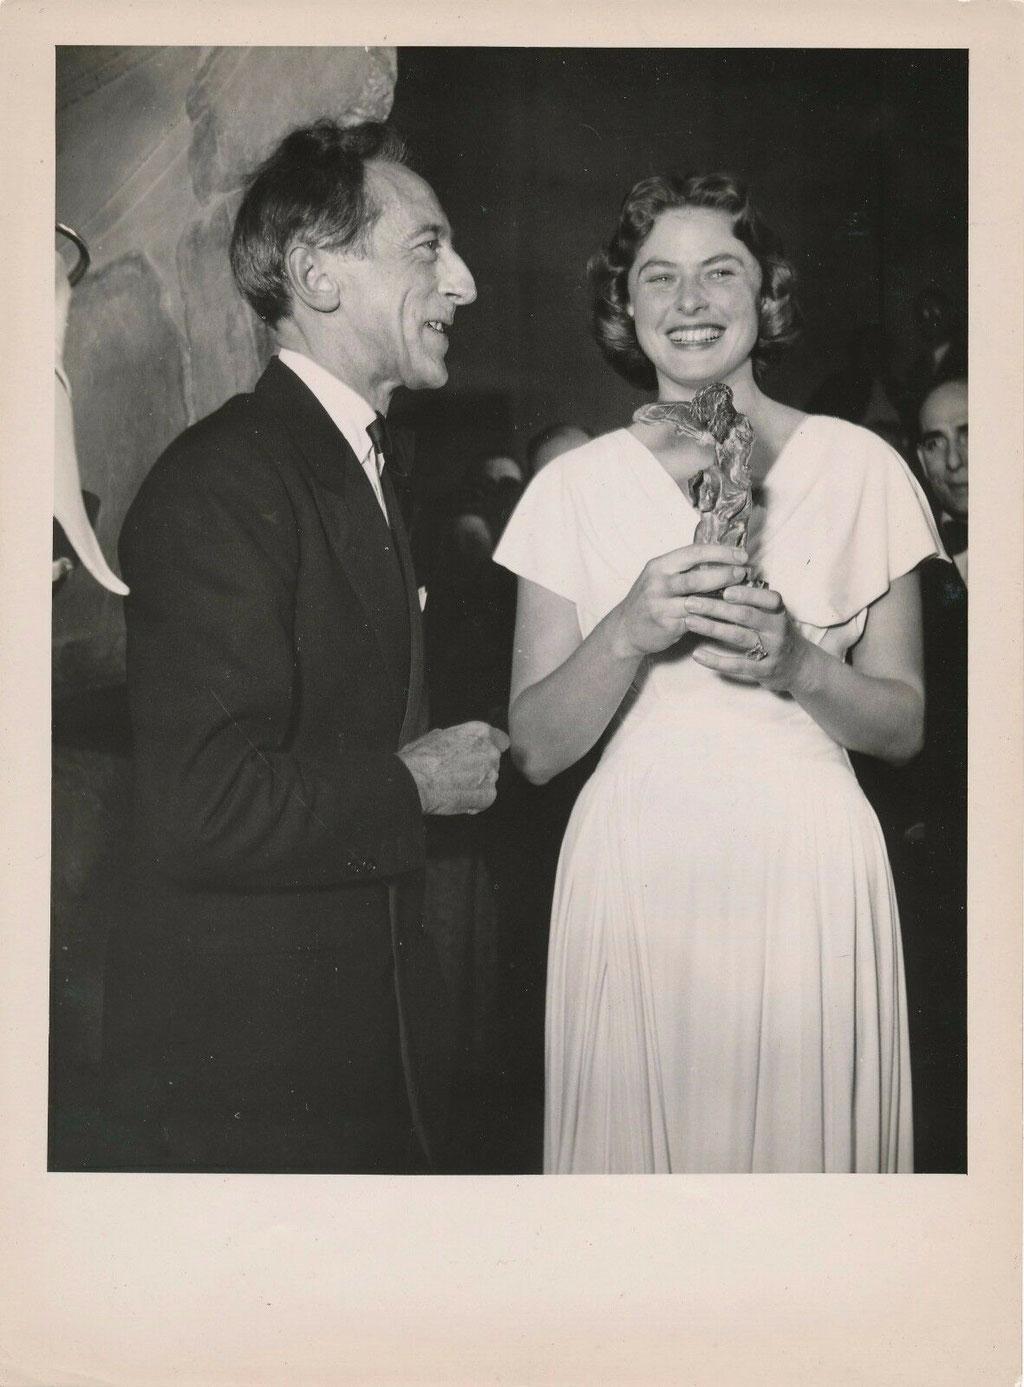 Ingrid Bergman et Jean Cocteau photo photographie